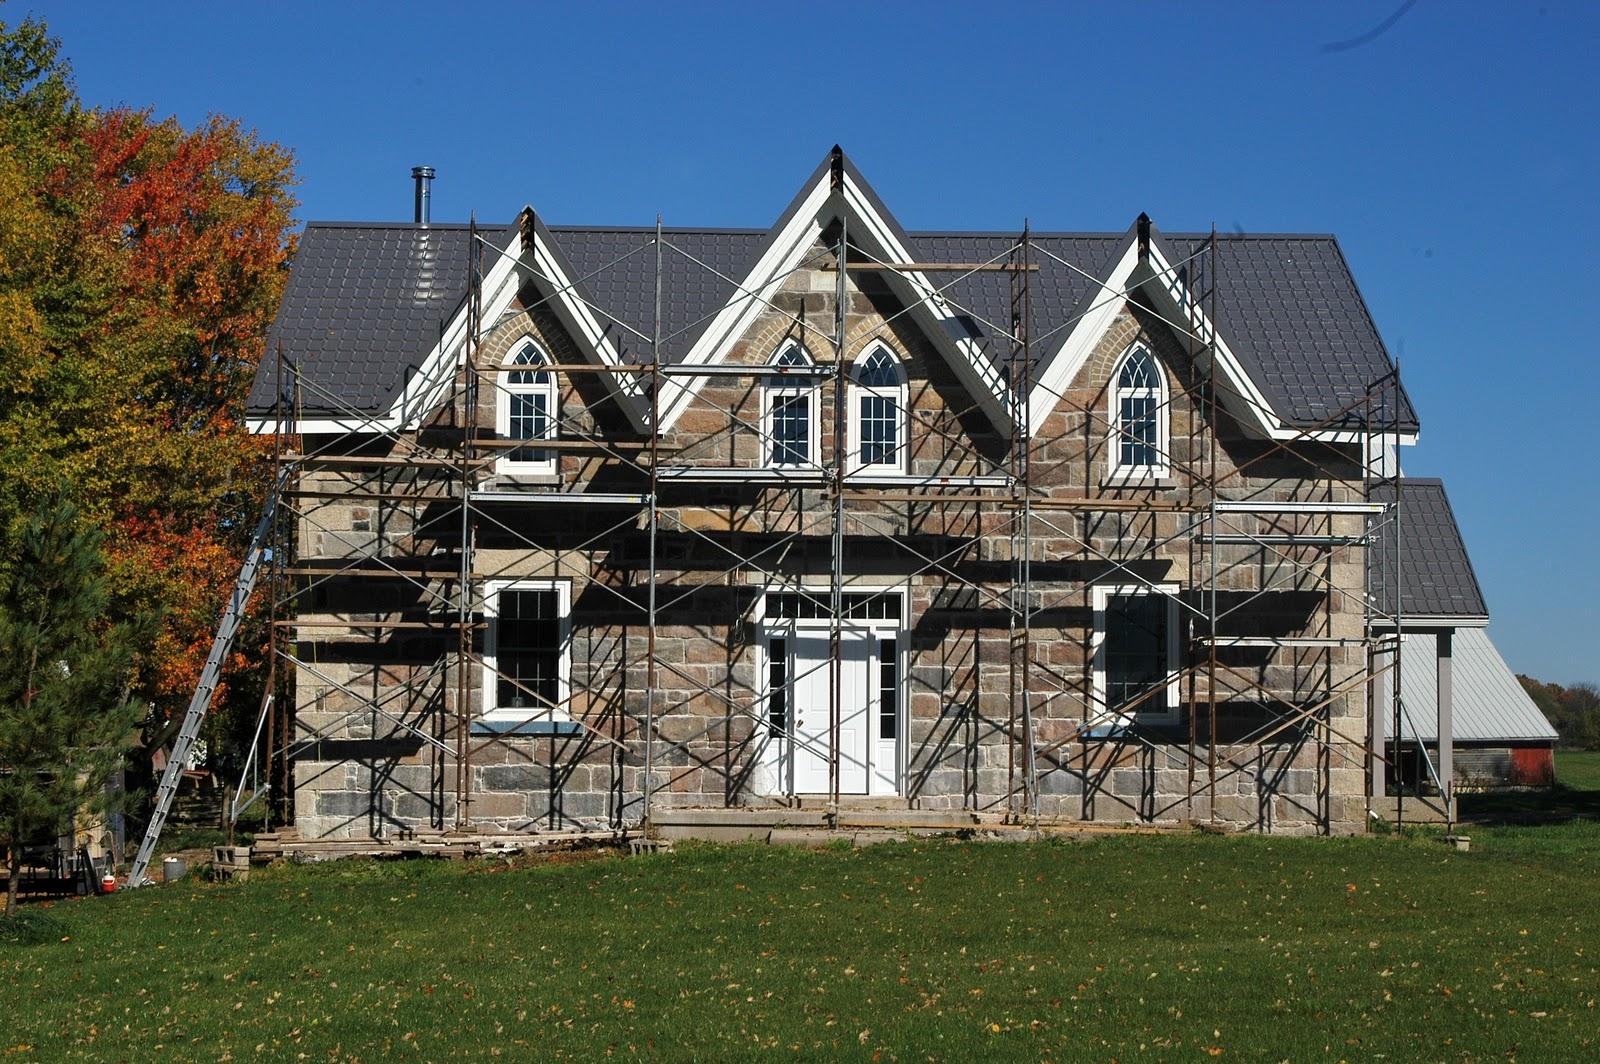 Simple Gothic Farmhouse Plans Placement Architecture